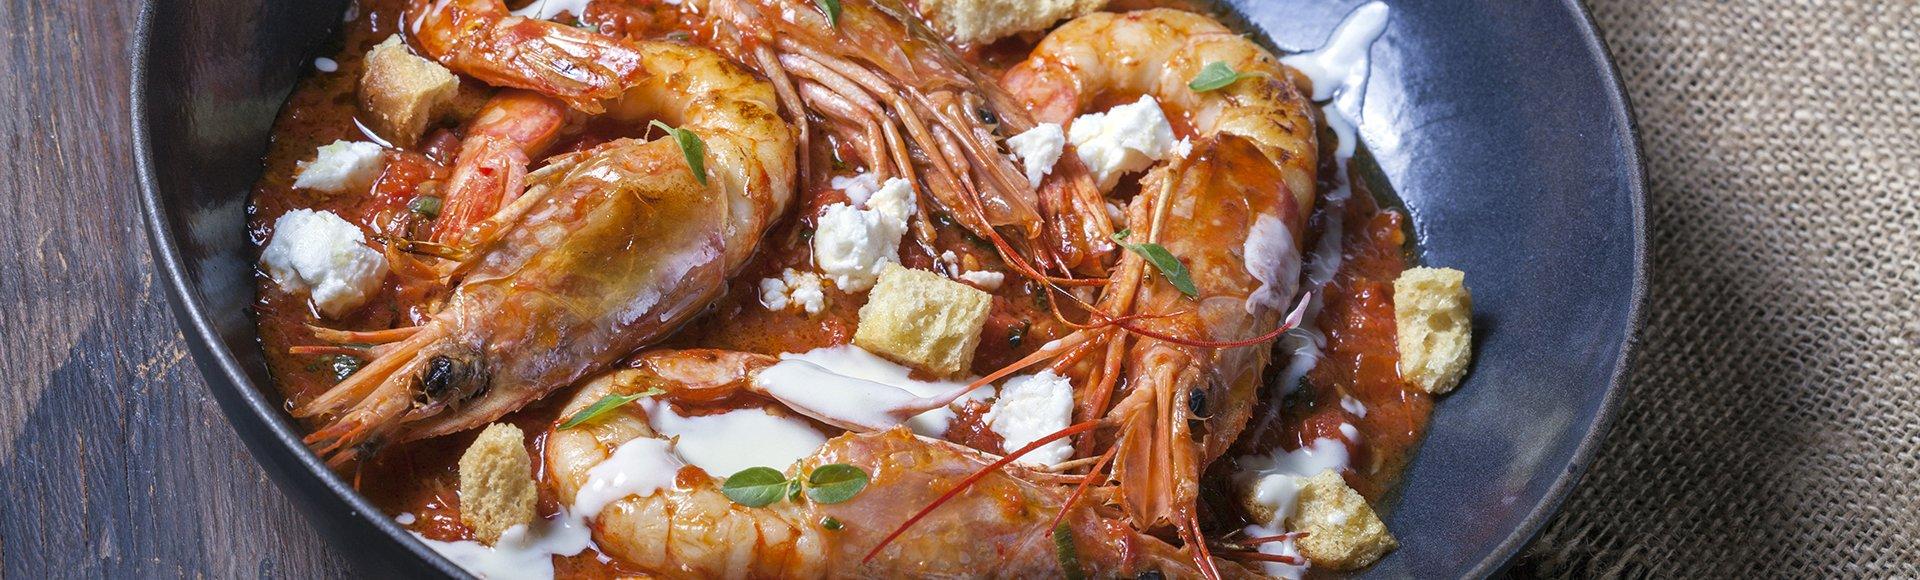 Γαρίδες σαγανάκι με φέτα και ούζο